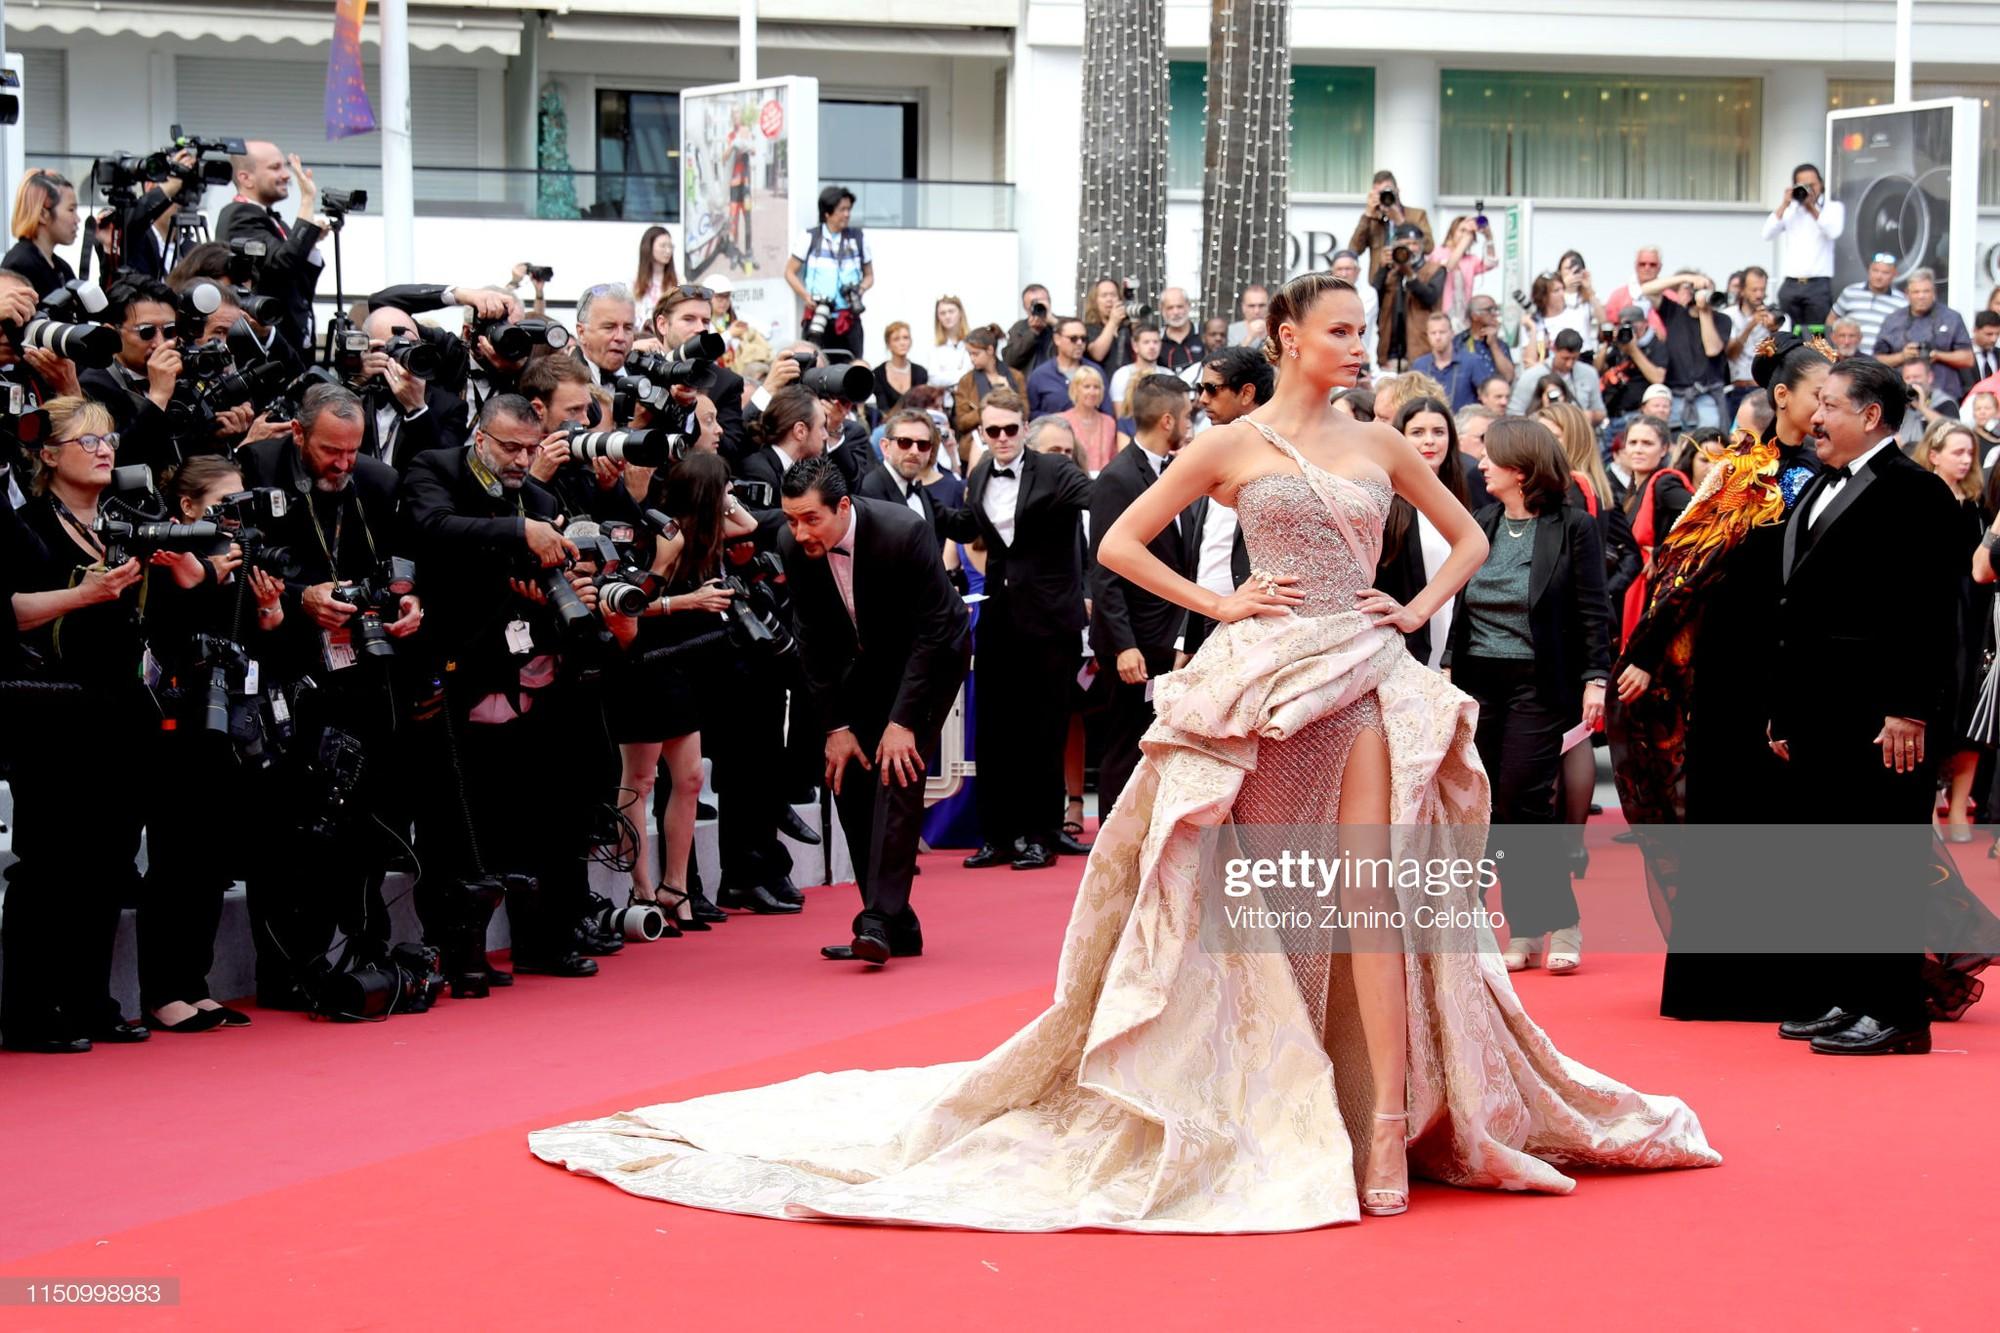 Cannes ngày 8: Mỹ nhân Ý khoe vòng 1 nhức mắt, dàn người mẫu Hollywood tung chiêu hết cỡ tại thảm đỏ - Ảnh 11.